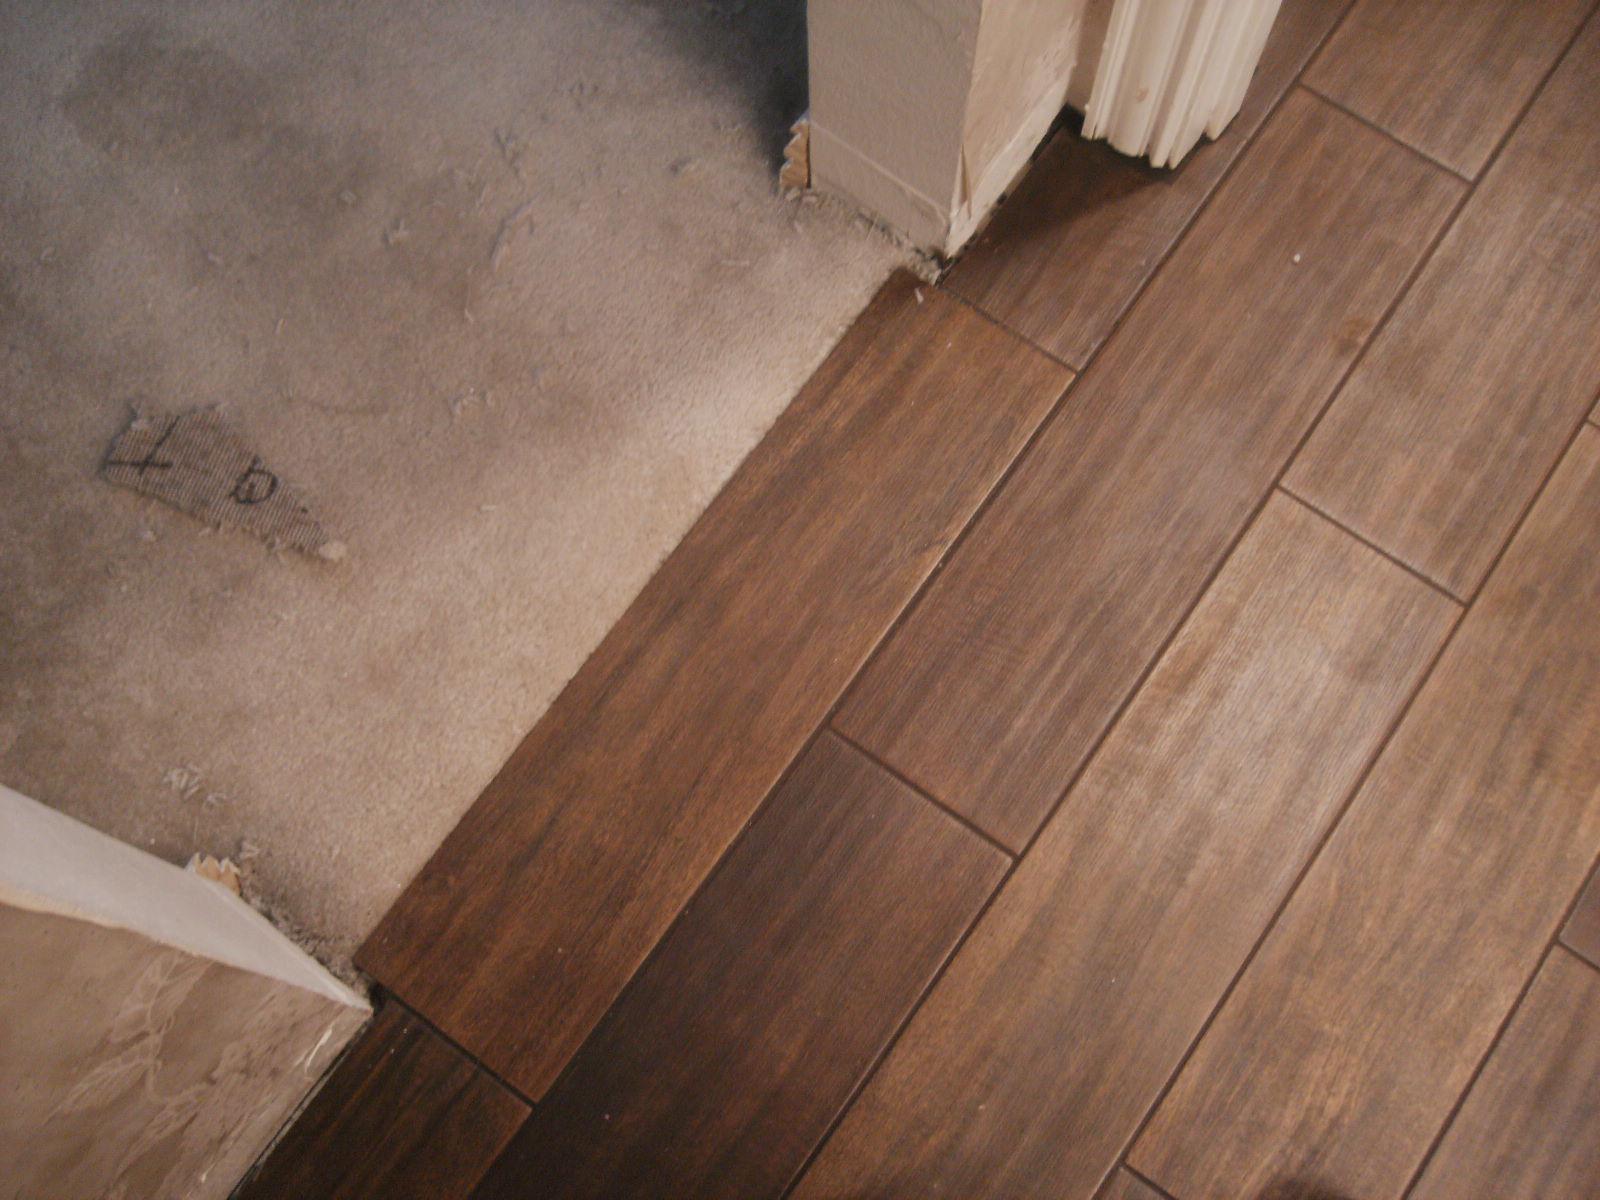 wooden floor tiles quotis it wood flooringquot or quotis it porcelain tile ceramic wood tile YYNQZMO